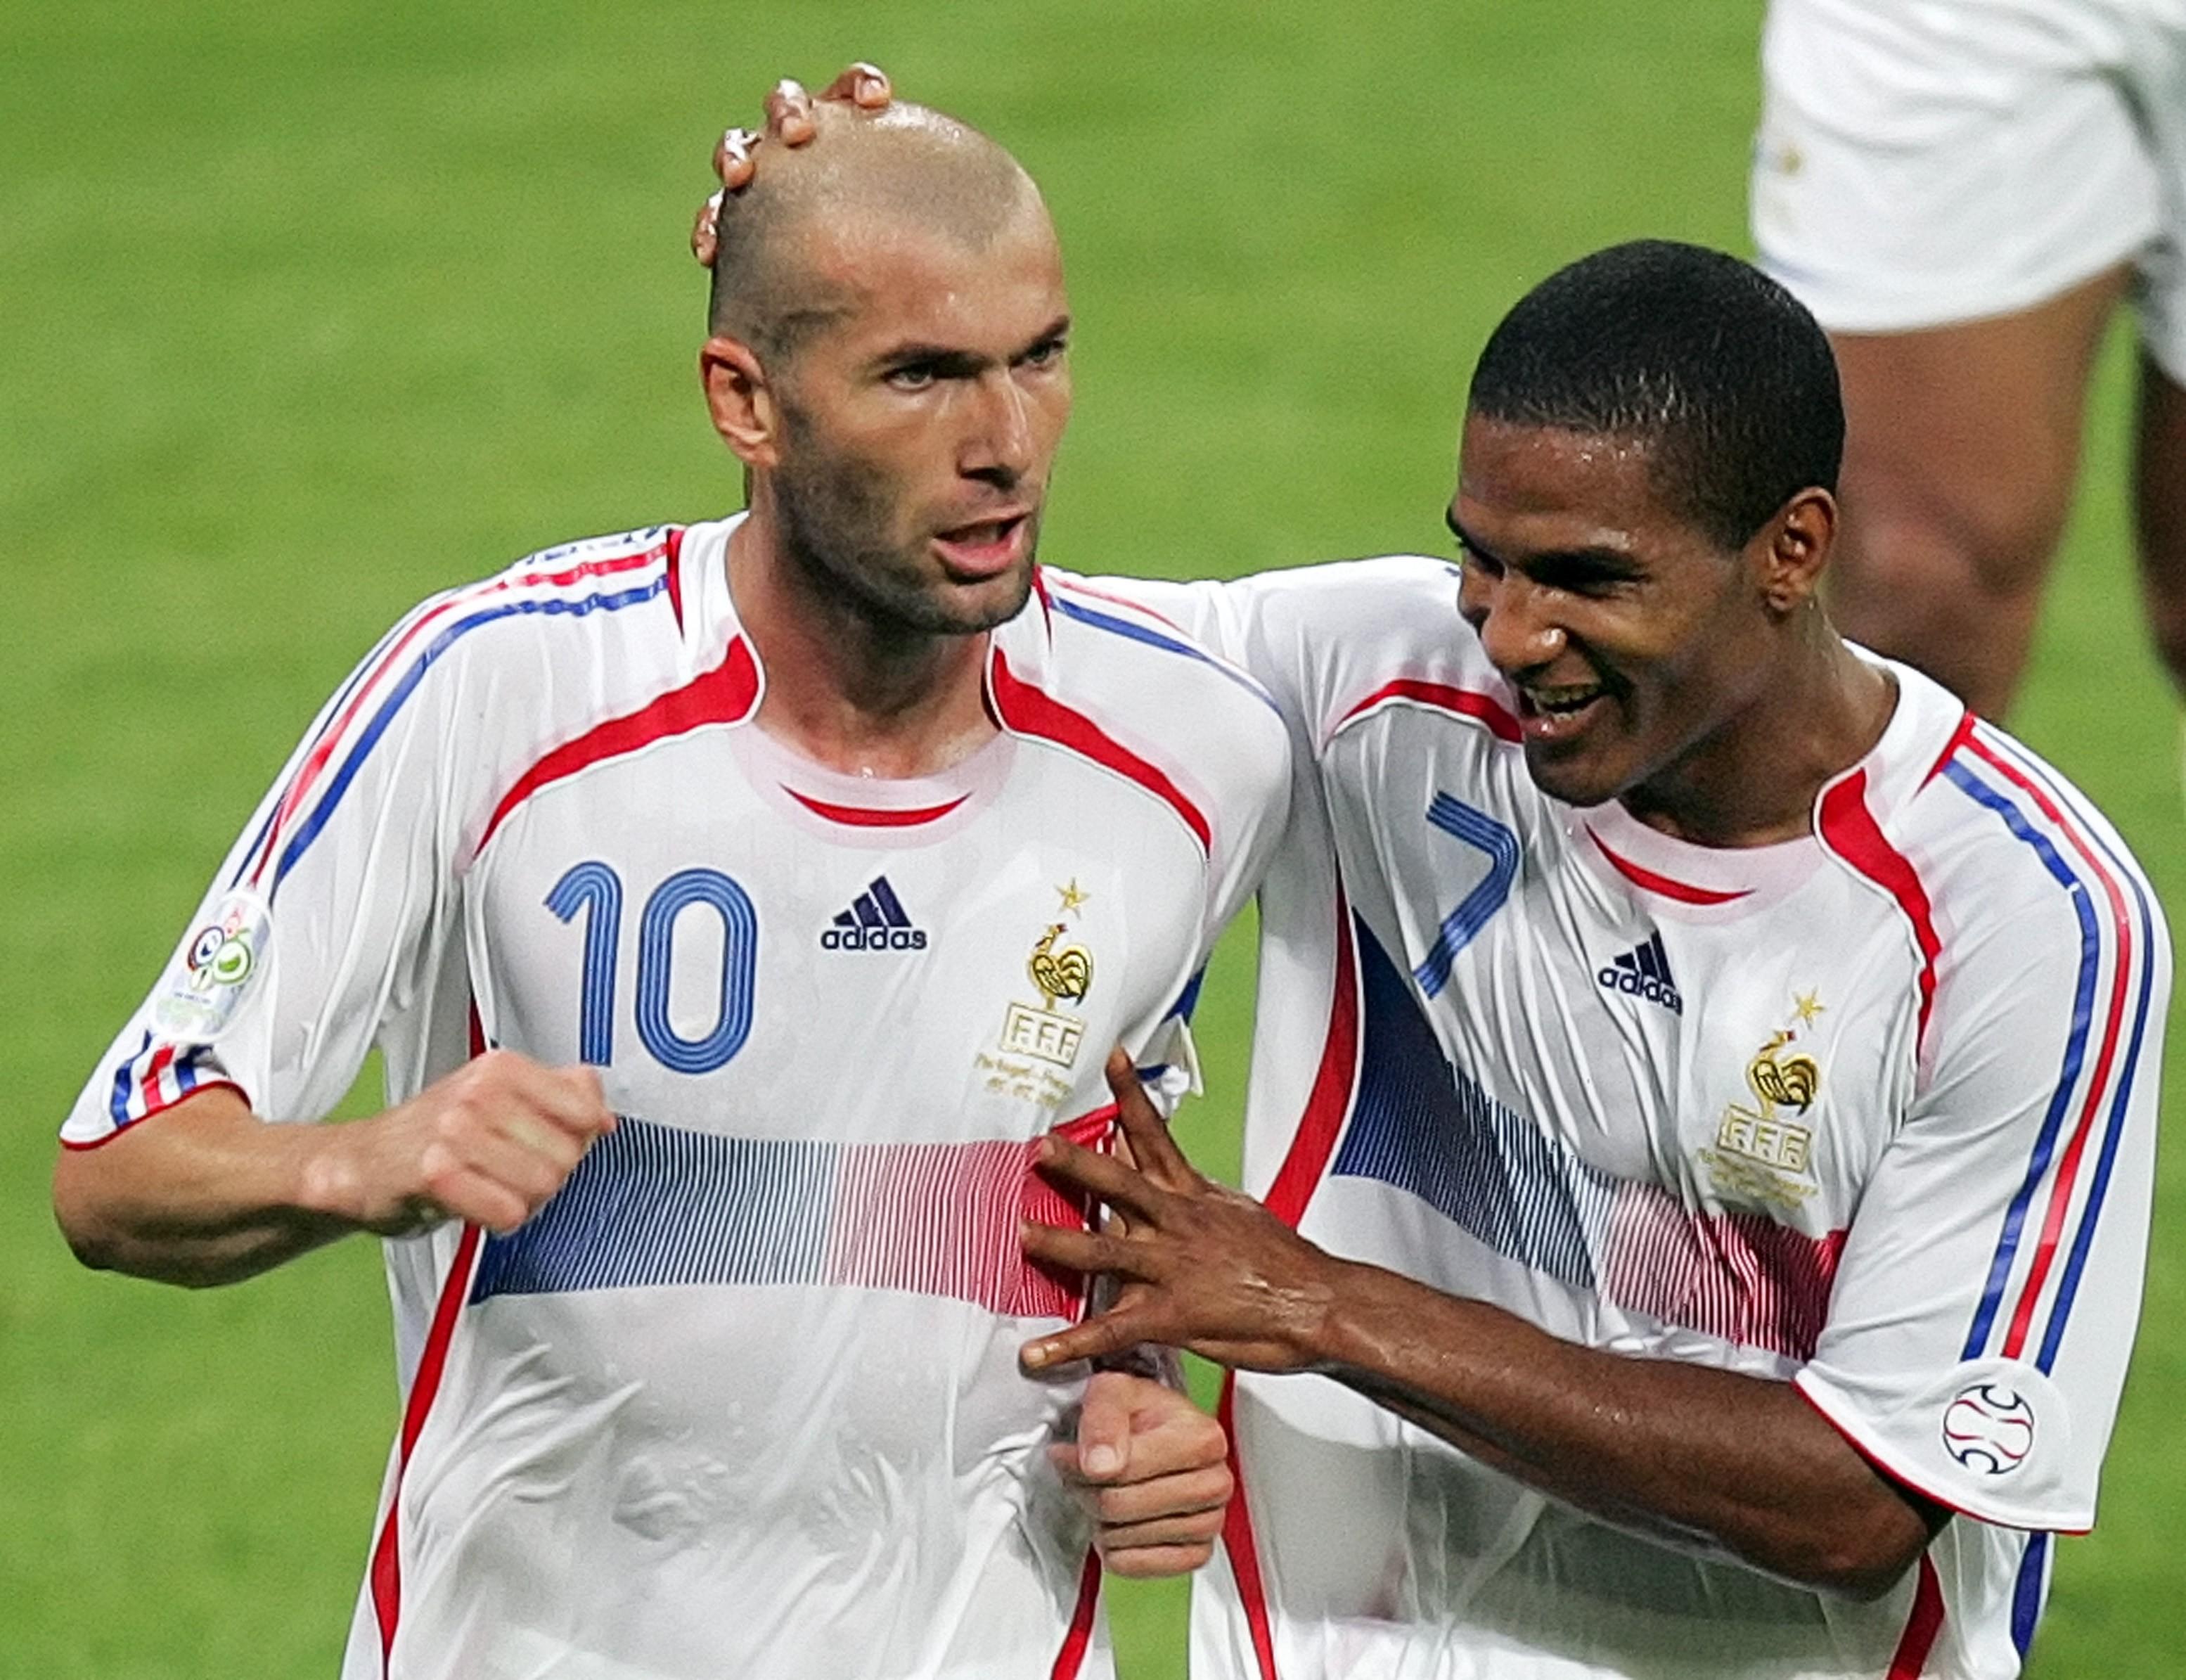 Zidane em 2006 precisou de 2 atuações para ser eleito